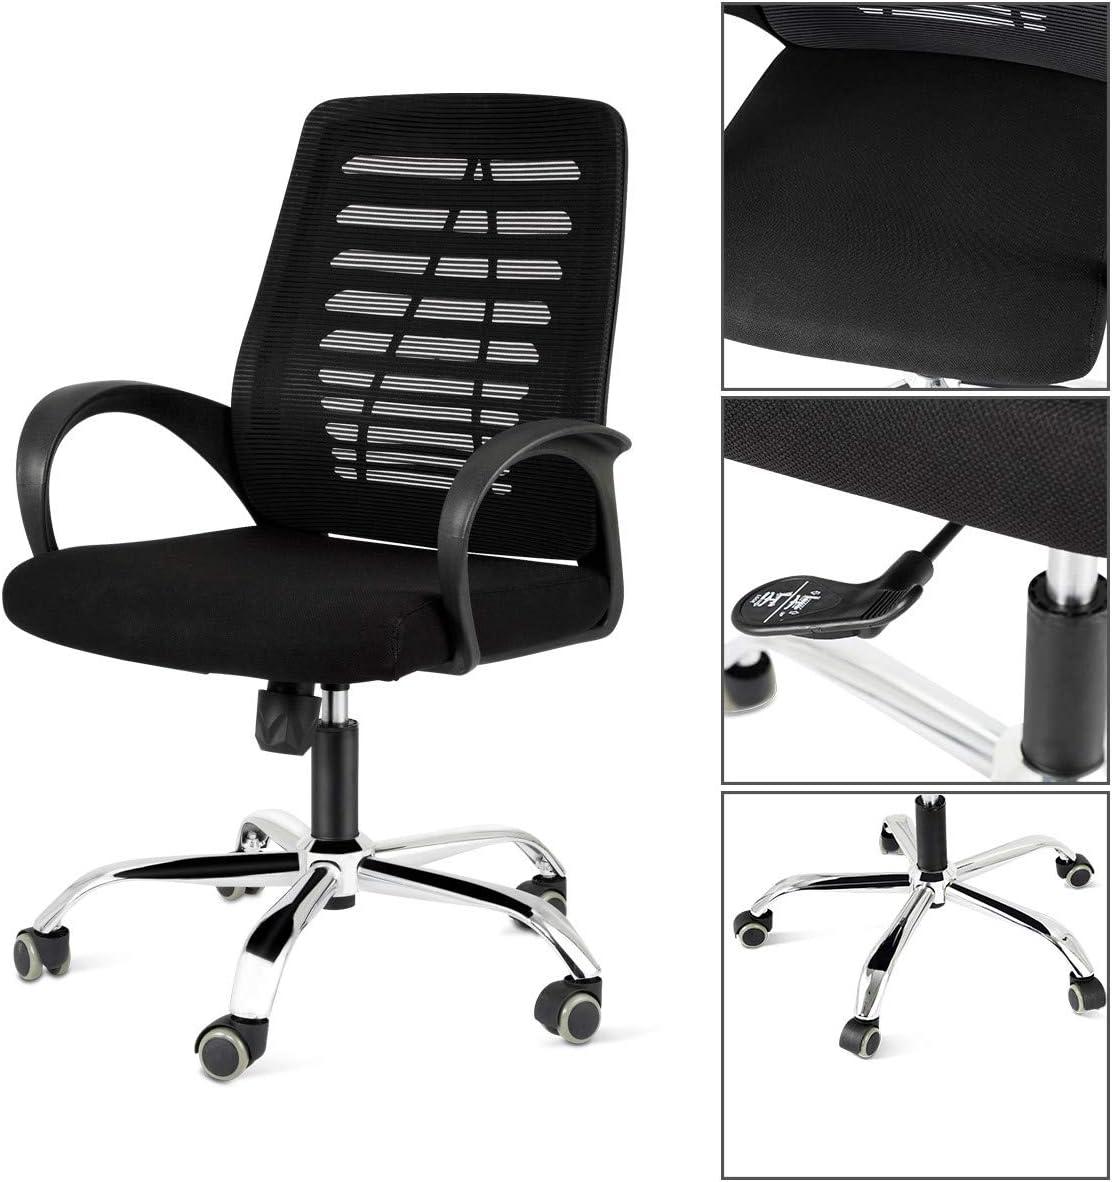 DOSLEEPS Office Chair Heavy Duty Comfortable V Shape